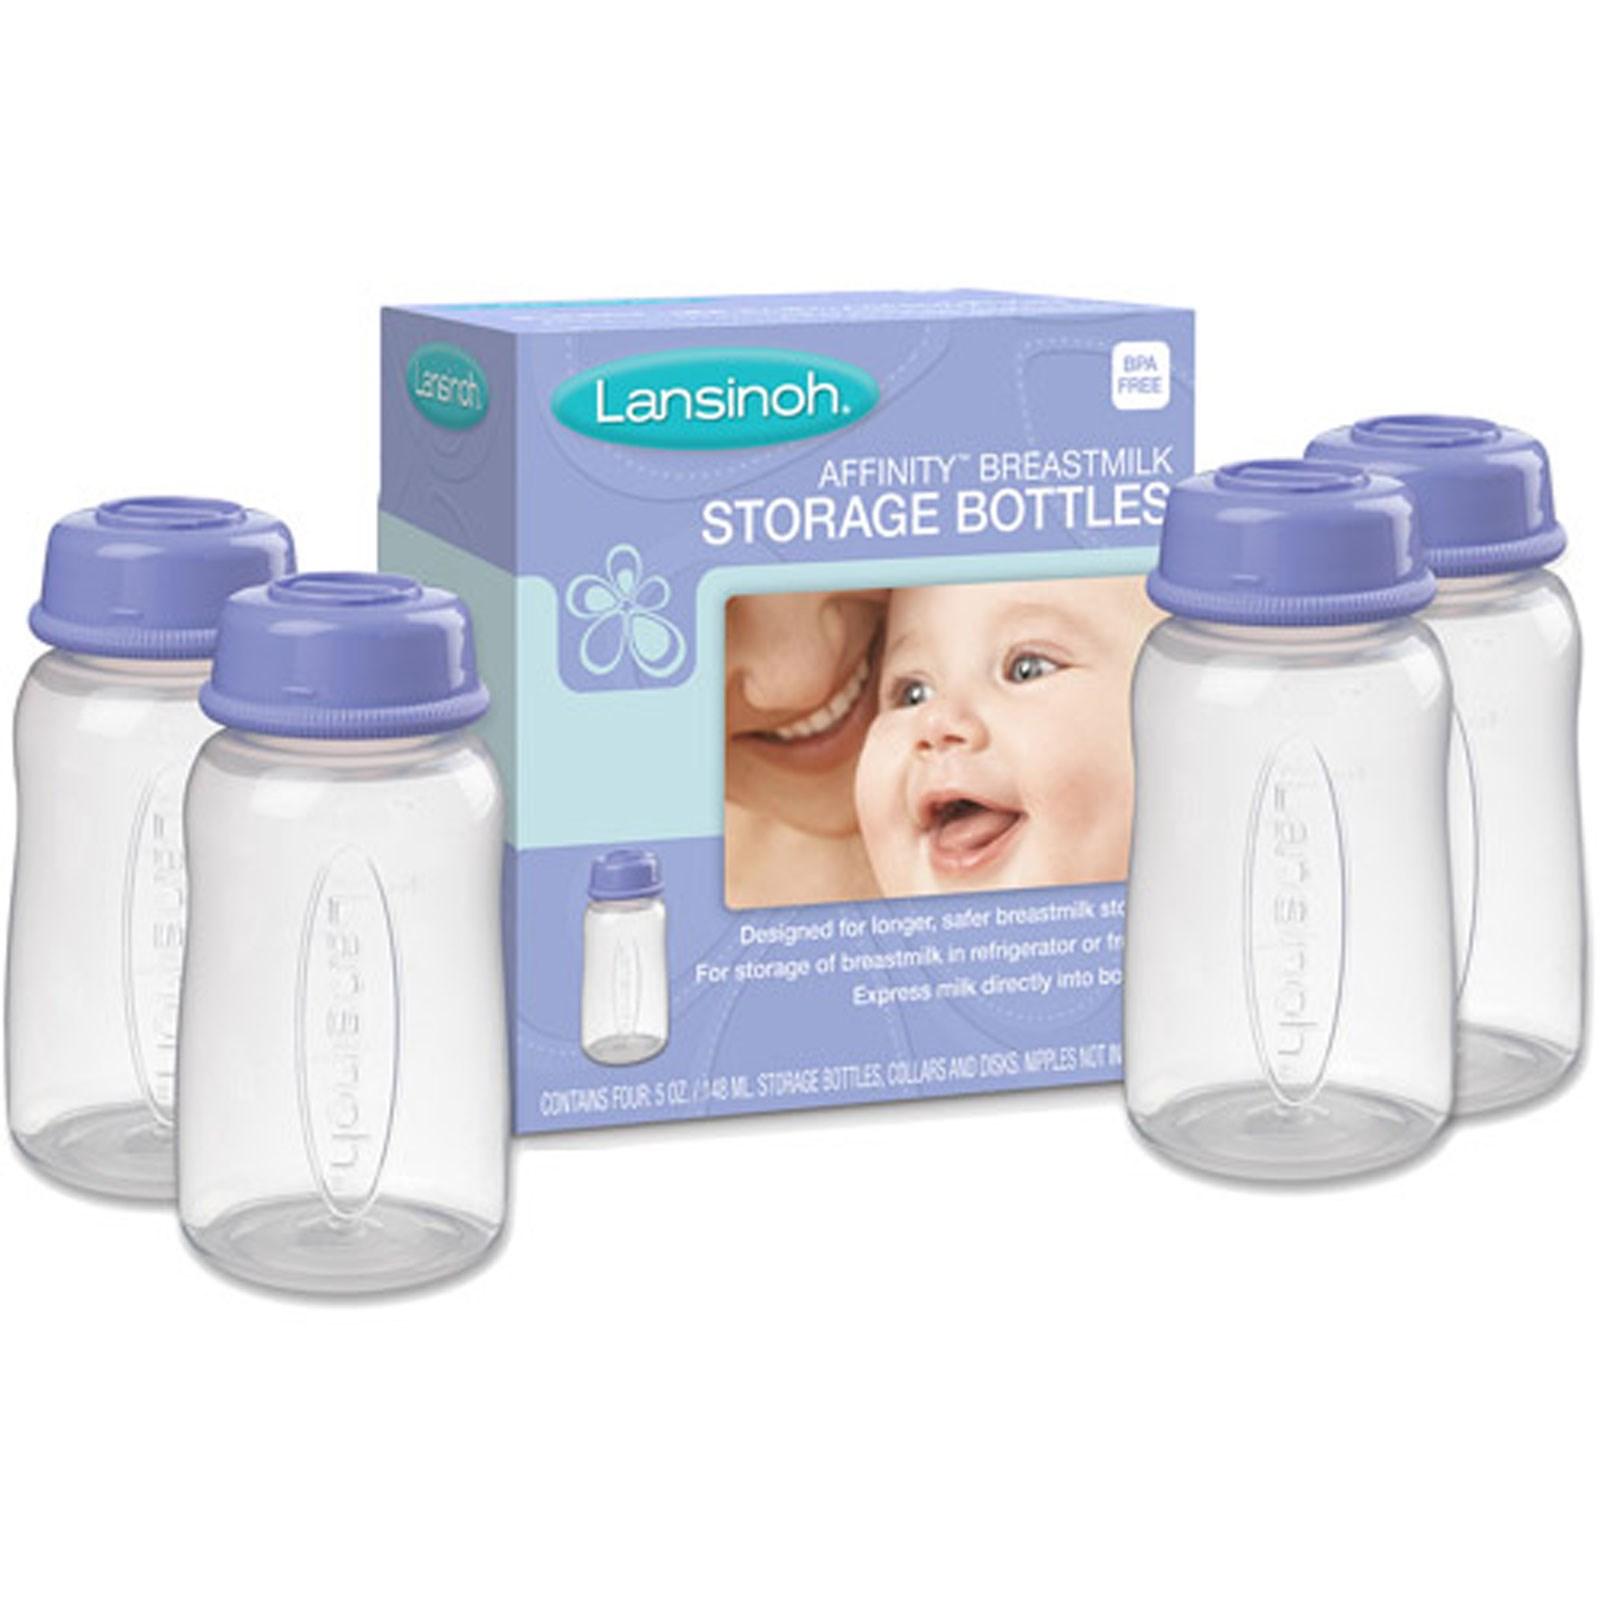 שמיניית בקבוקים לאחסון והקפאת חלב אם לנסינו - דור ישן